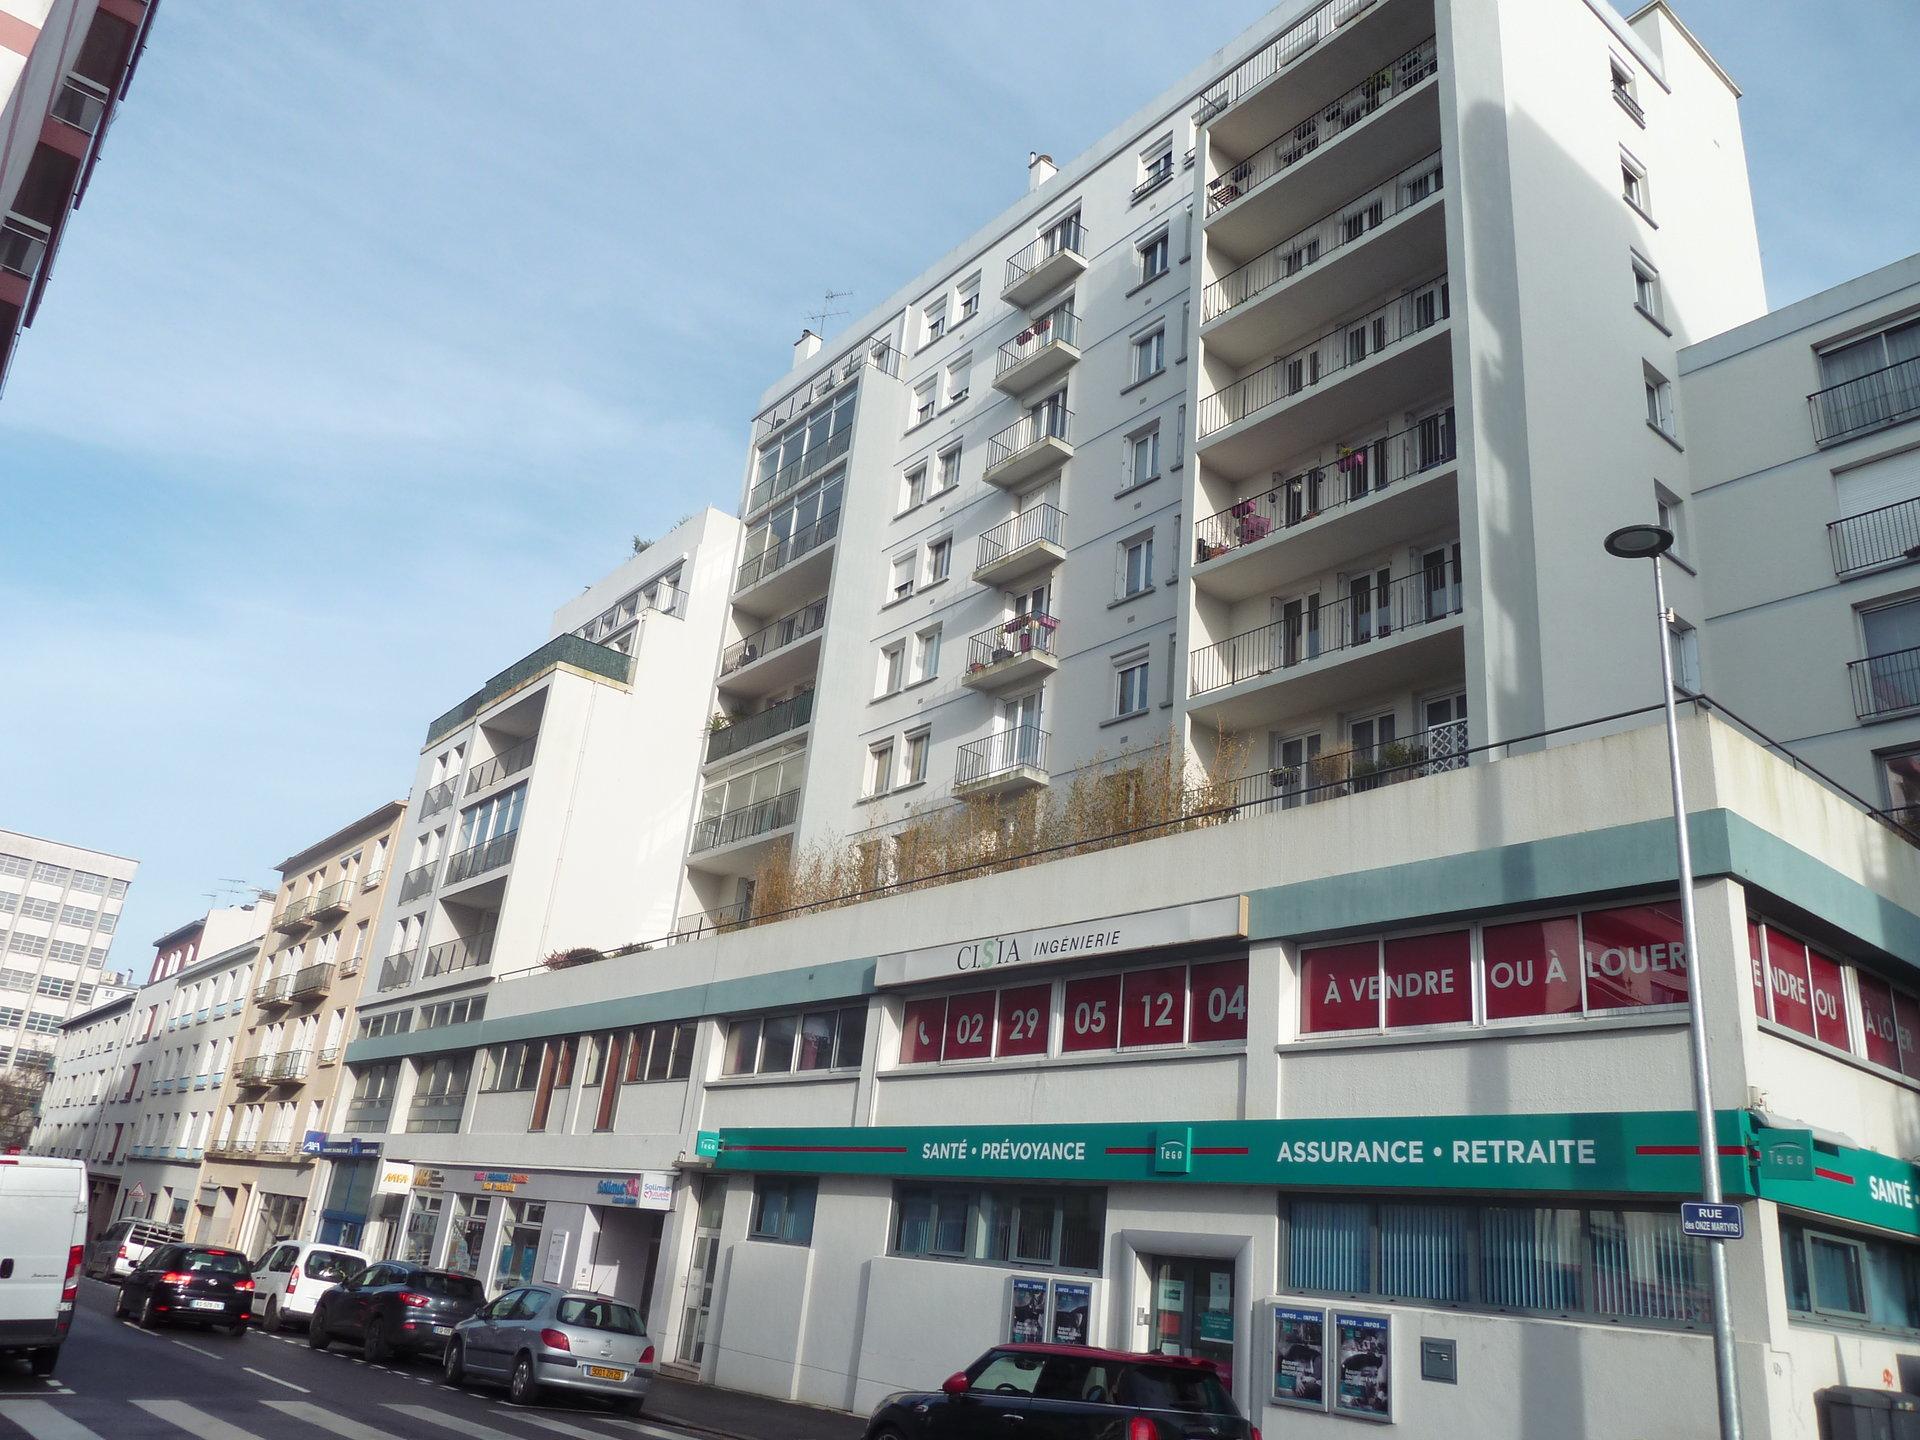 APPARTEMENT T5 - 115m2- CENTRE VILLE - ASCENSEUR - PARKING